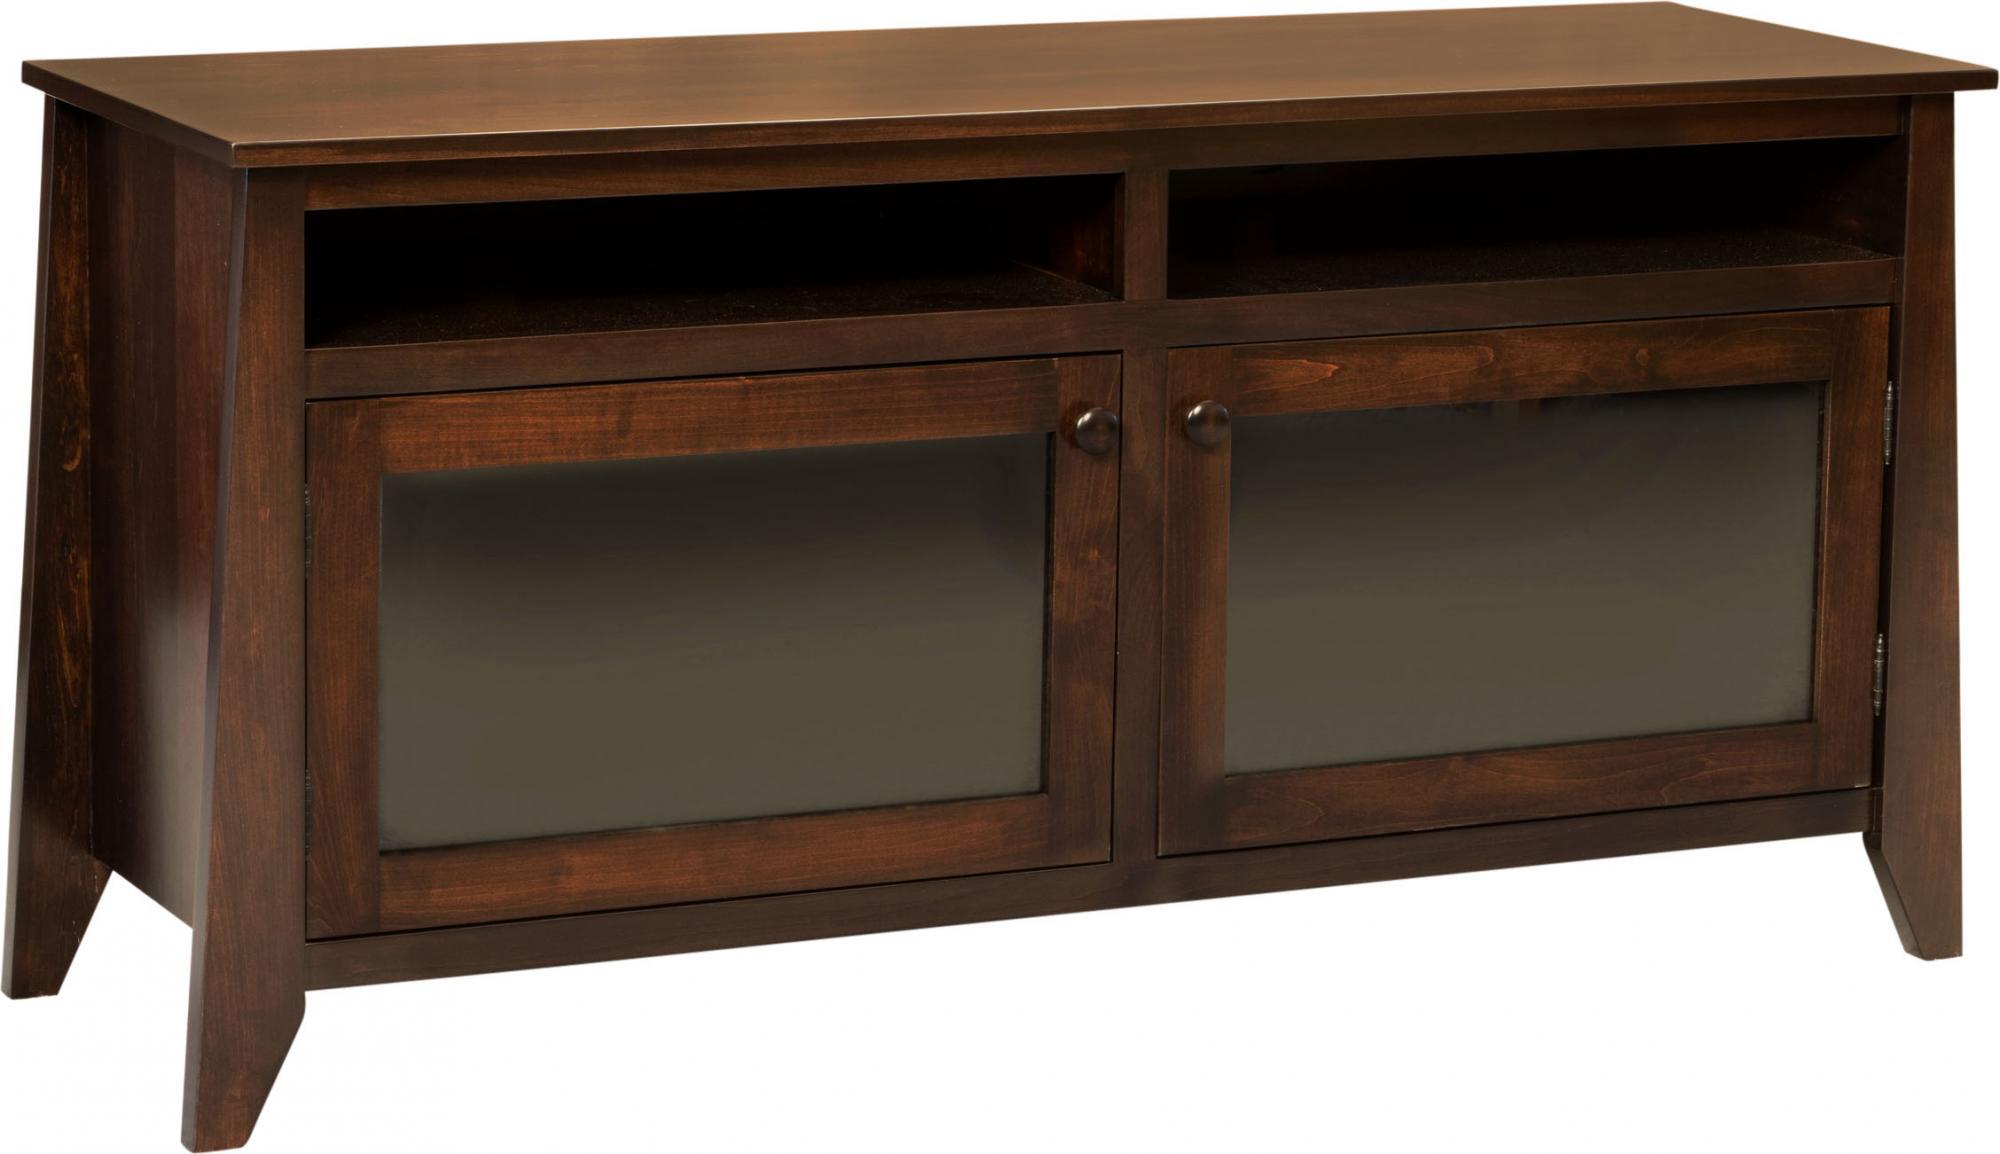 Berwick Tv Stand Amish Furniture Store Mankato Mn